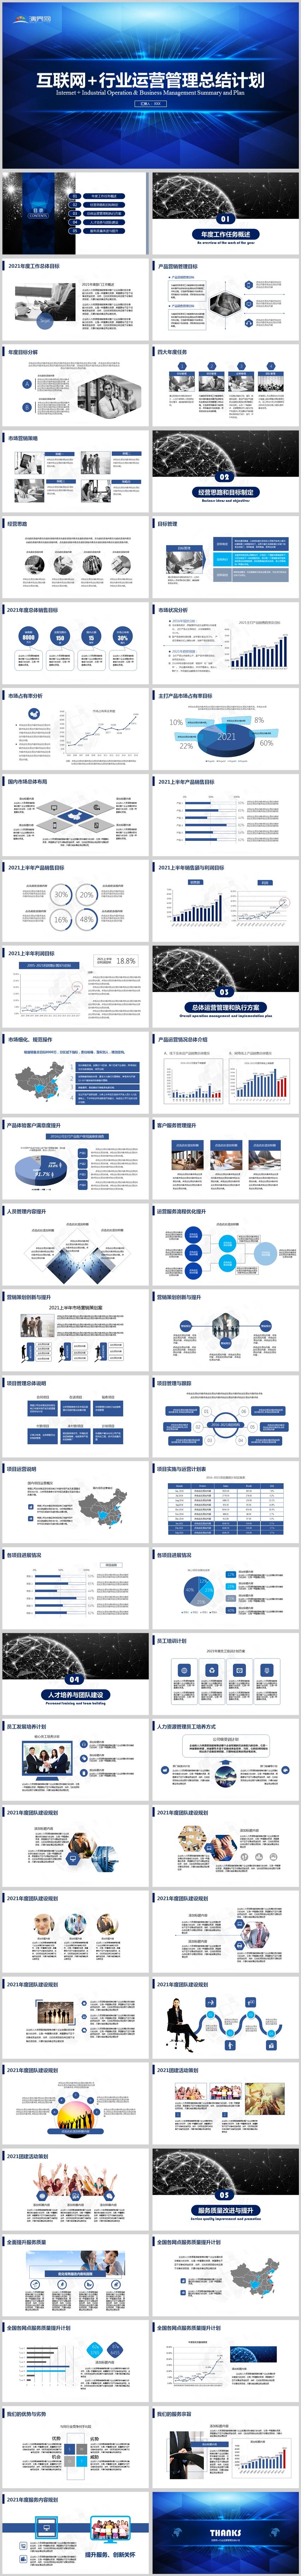 商務互聯網科技年度運營工作計劃總結報告模板